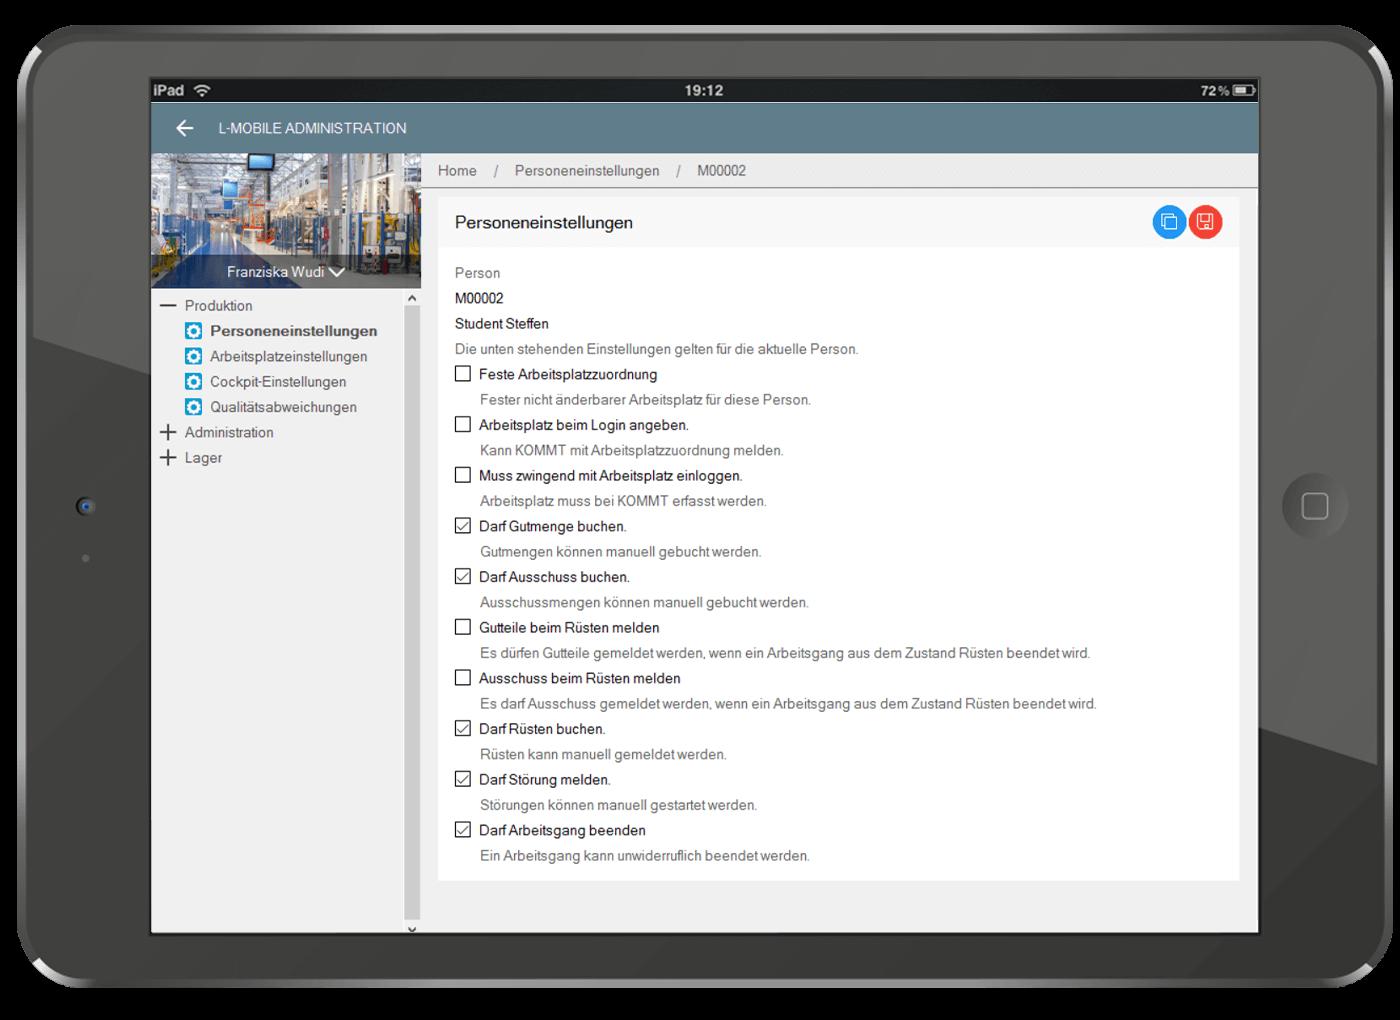 L-mobile Starterpaket BDE Microsoft Dynamics Arbeitsgang laeuft Benutzer- und Rechteeinstellungen